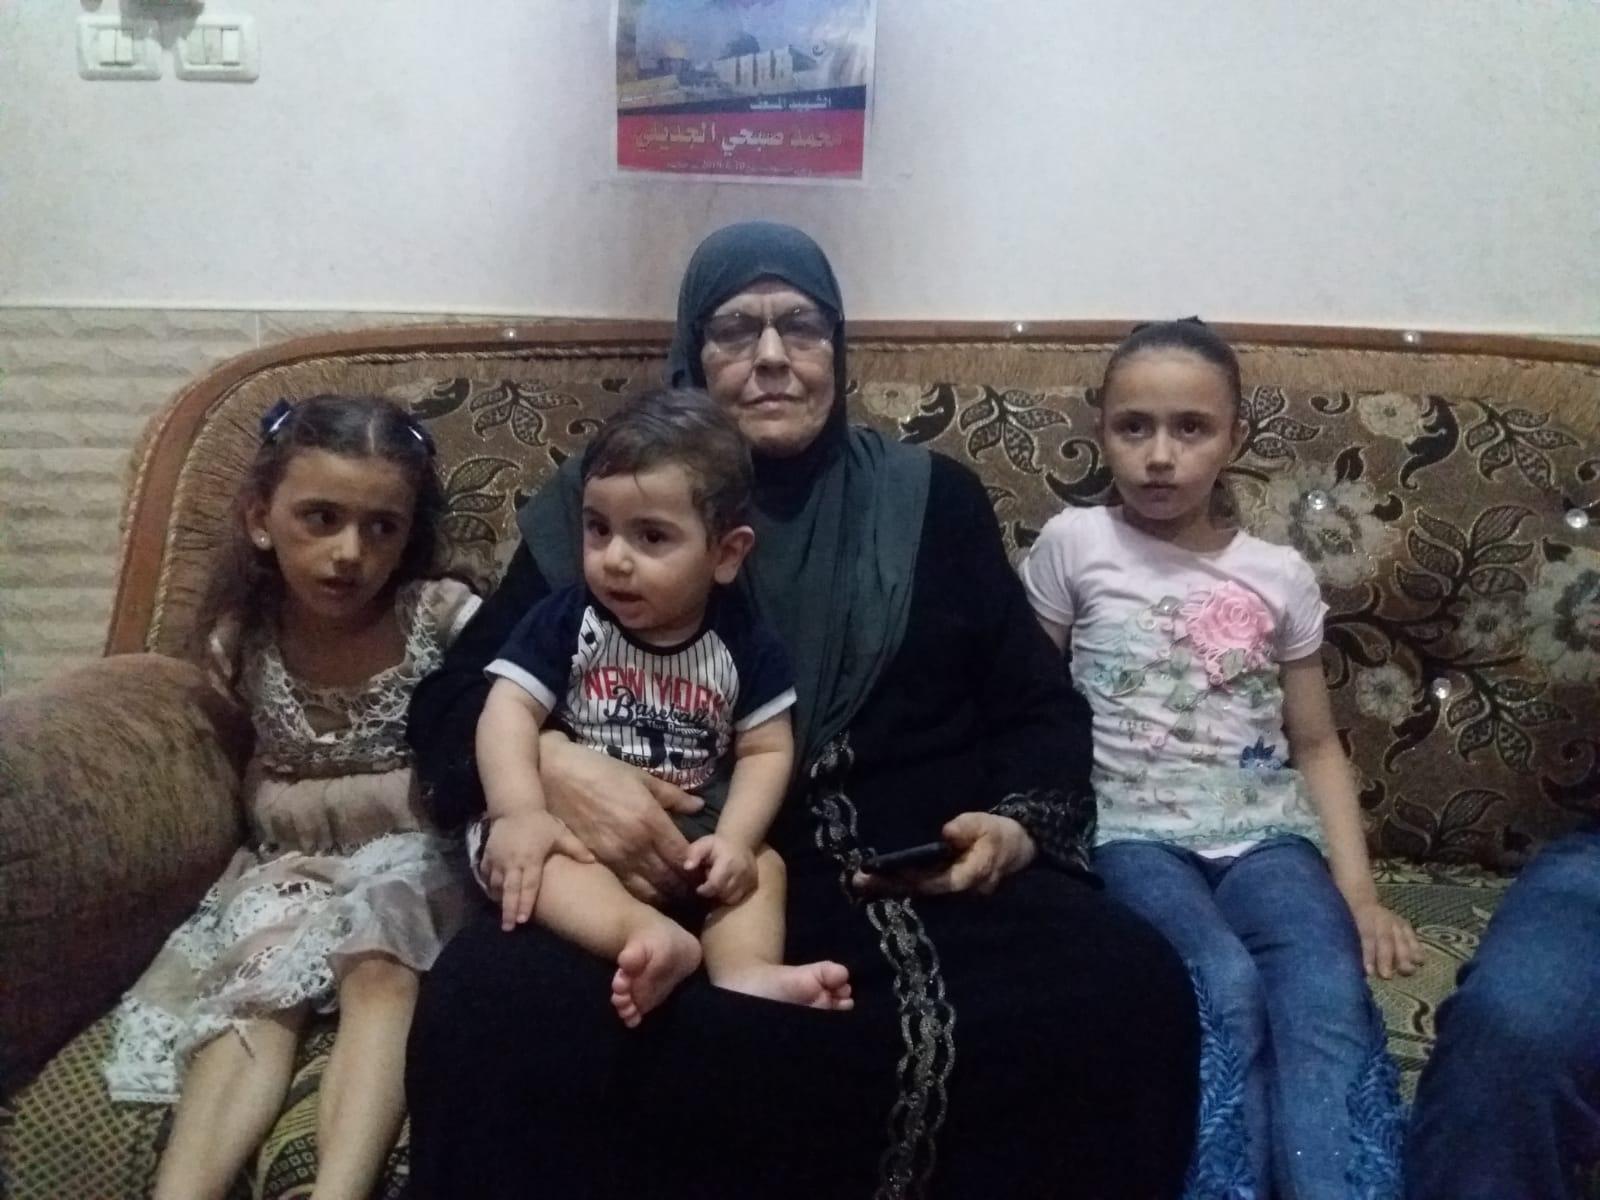 Kifaya Aljadeely, Mohammad's moeder, samen met de kinderen van Mohammad. (Foto: Rami Almeghari)